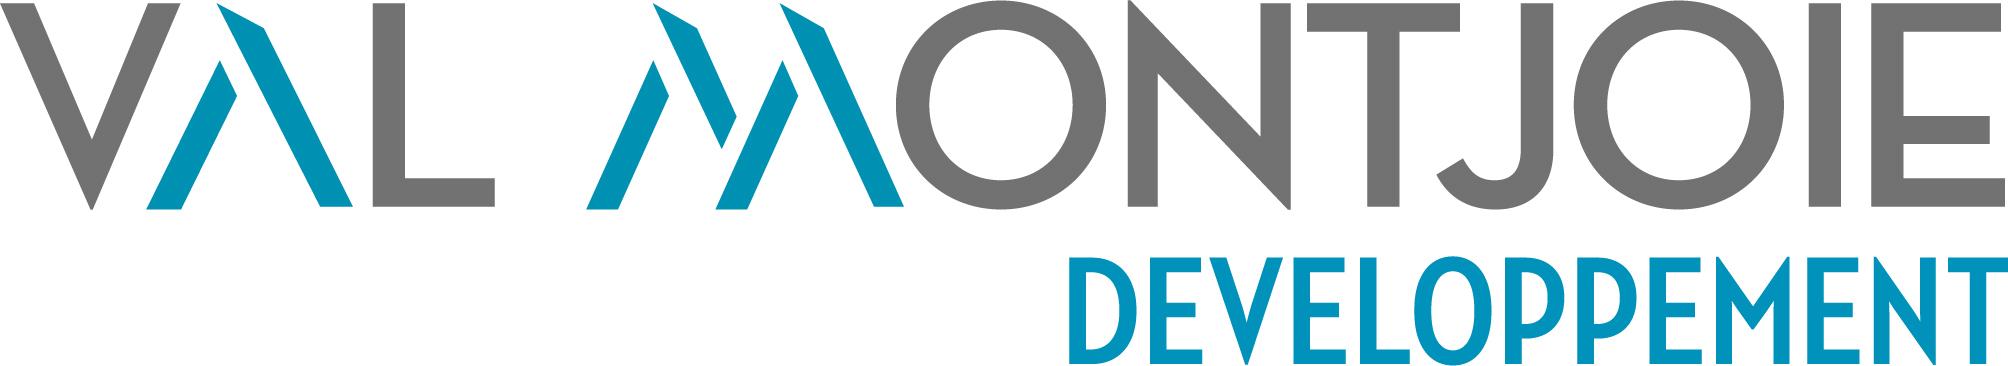 VMD-logo-by-SWiTCH